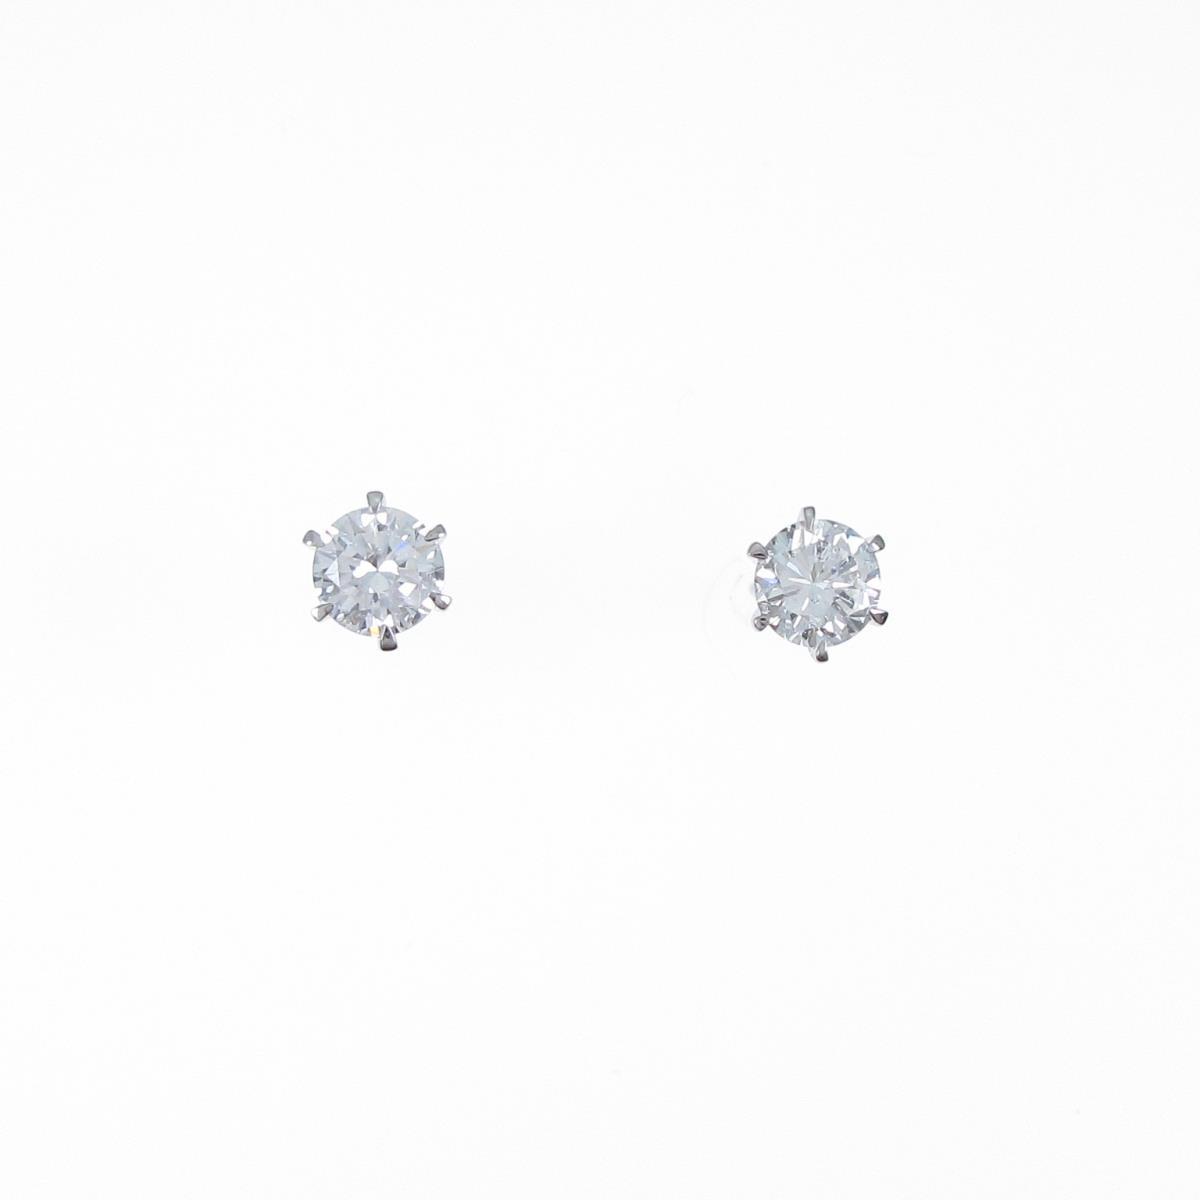 【リメイク】プラチナ/ST ダイヤモンドピアス 0.384ct・0.397ct・F-G・SI2・VG-GOOD【中古】